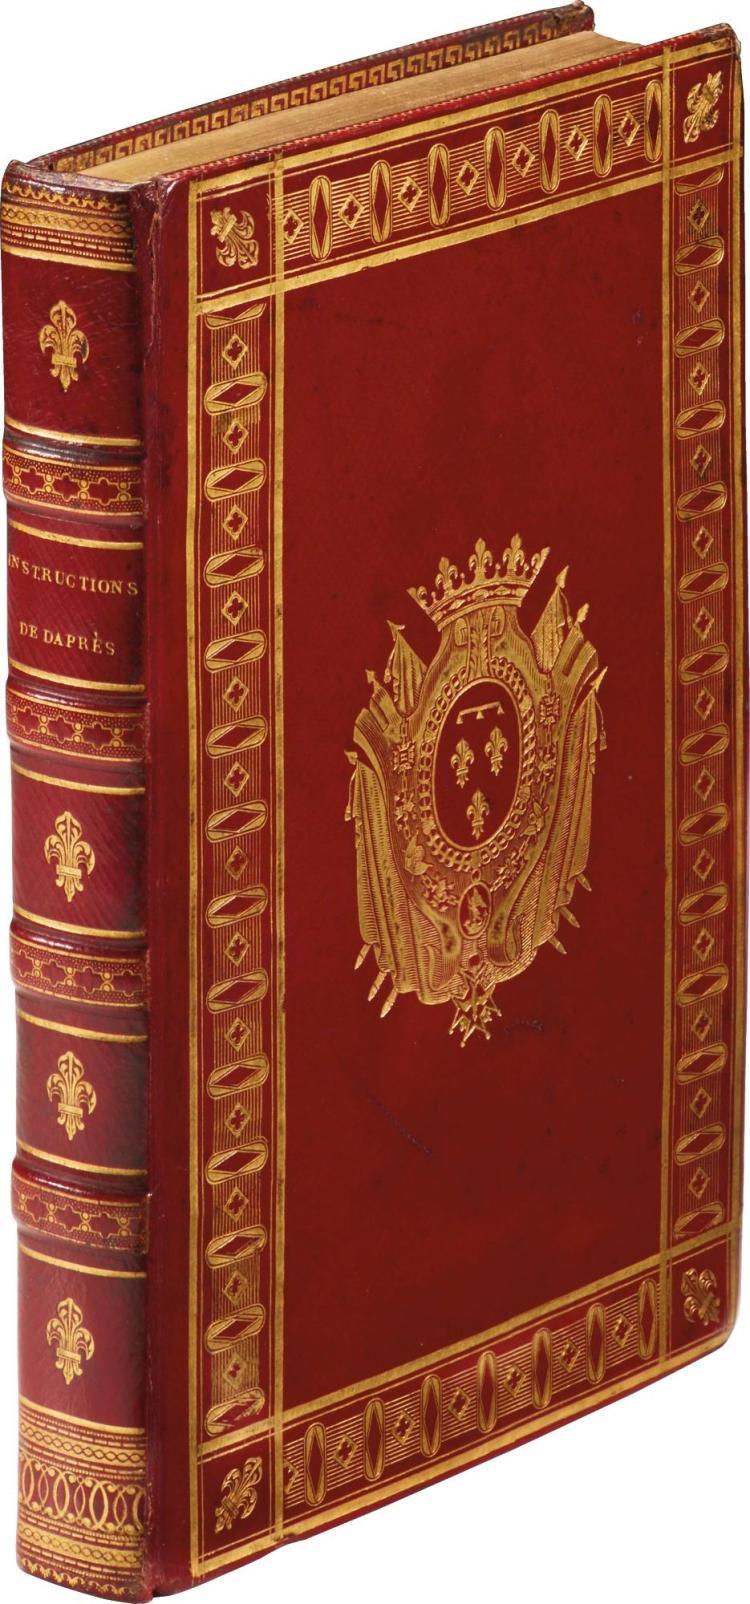 APRES DE MANNEVILLETTE. INSTRUCTIONS DE DAPRÈS SUR LA NAVIGATION DES INDES ORIENTALES. 1819